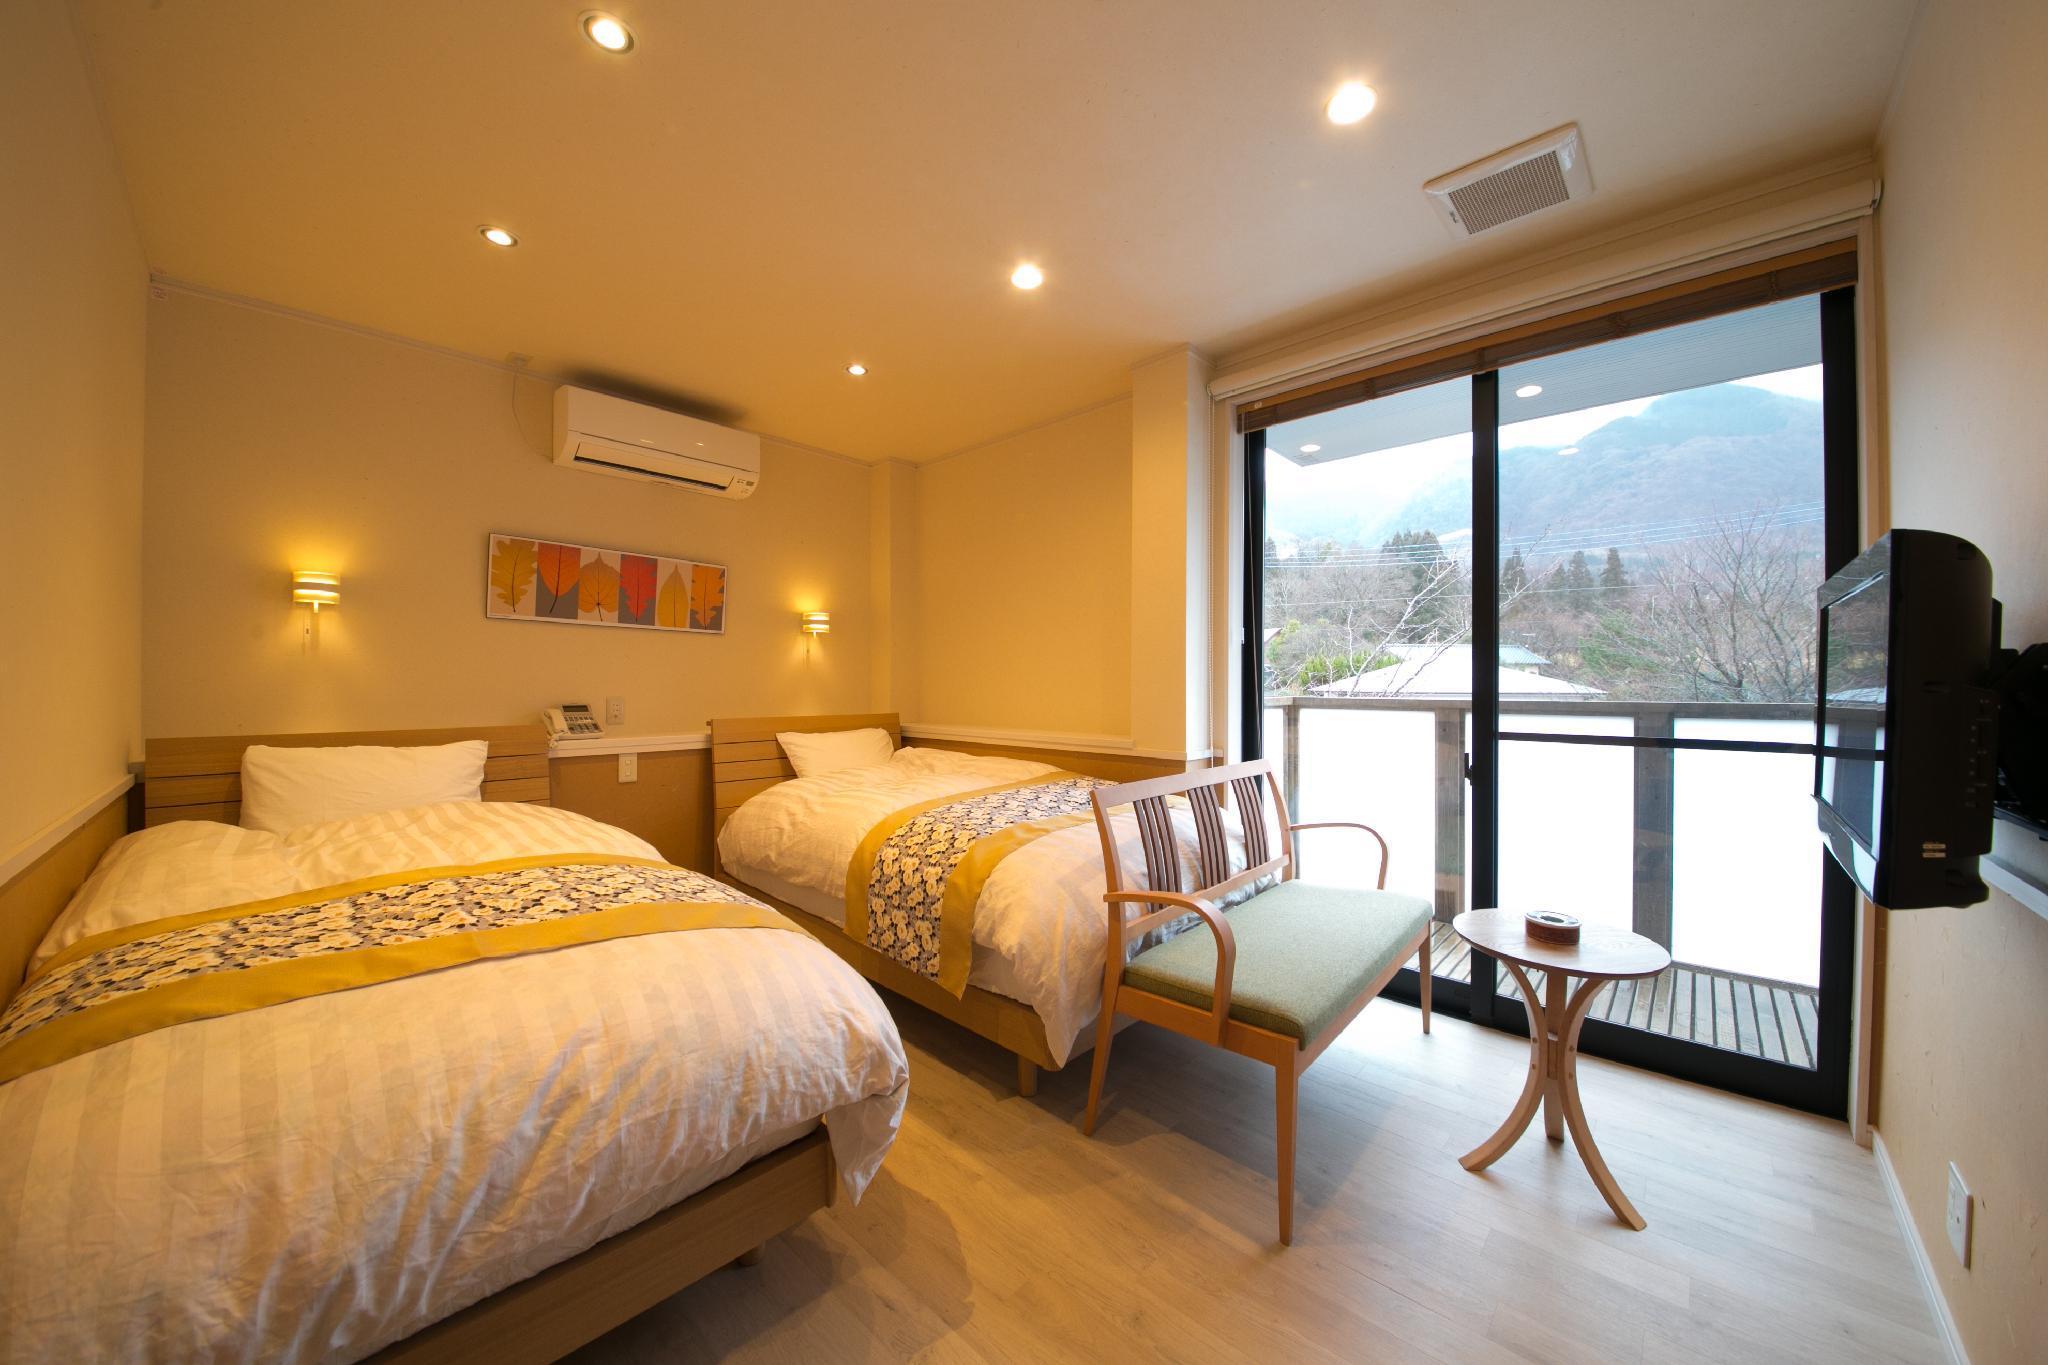 oyado mokuren yufu offres sp ciales pour cet h tel. Black Bedroom Furniture Sets. Home Design Ideas